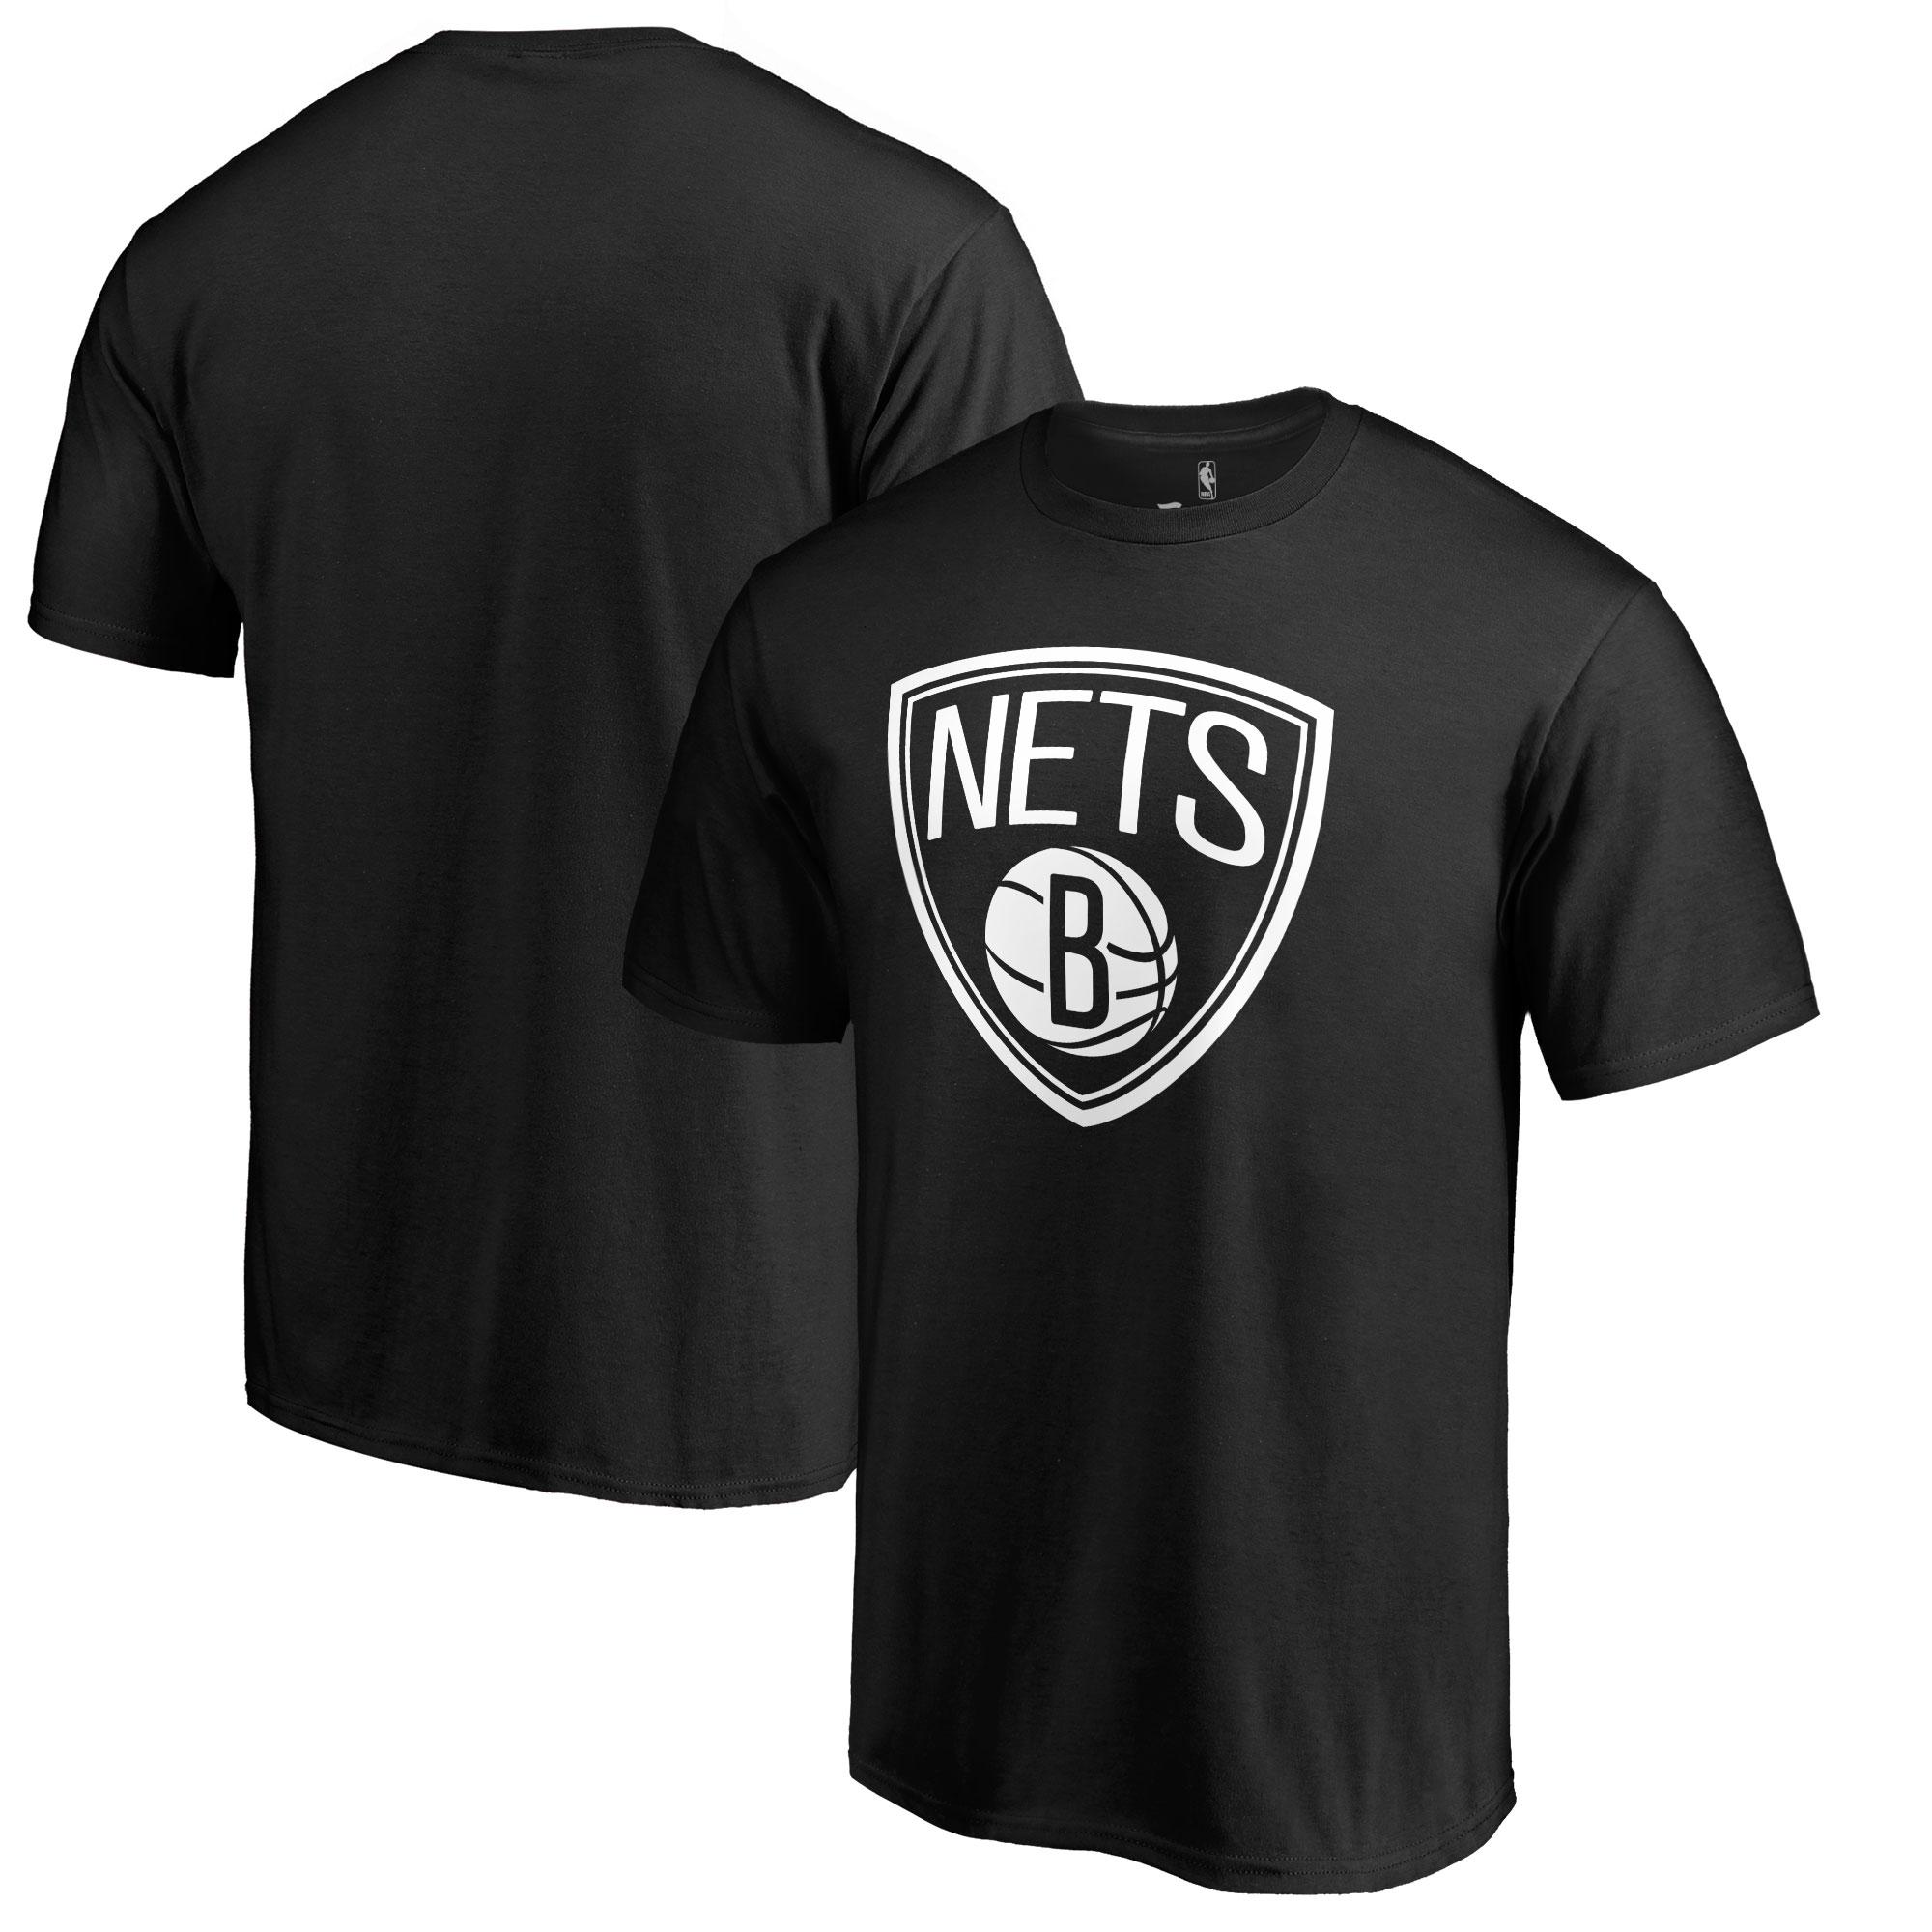 Brooklyn Nets Fanatics Branded Big & Tall Taylor T-Shirt - Black